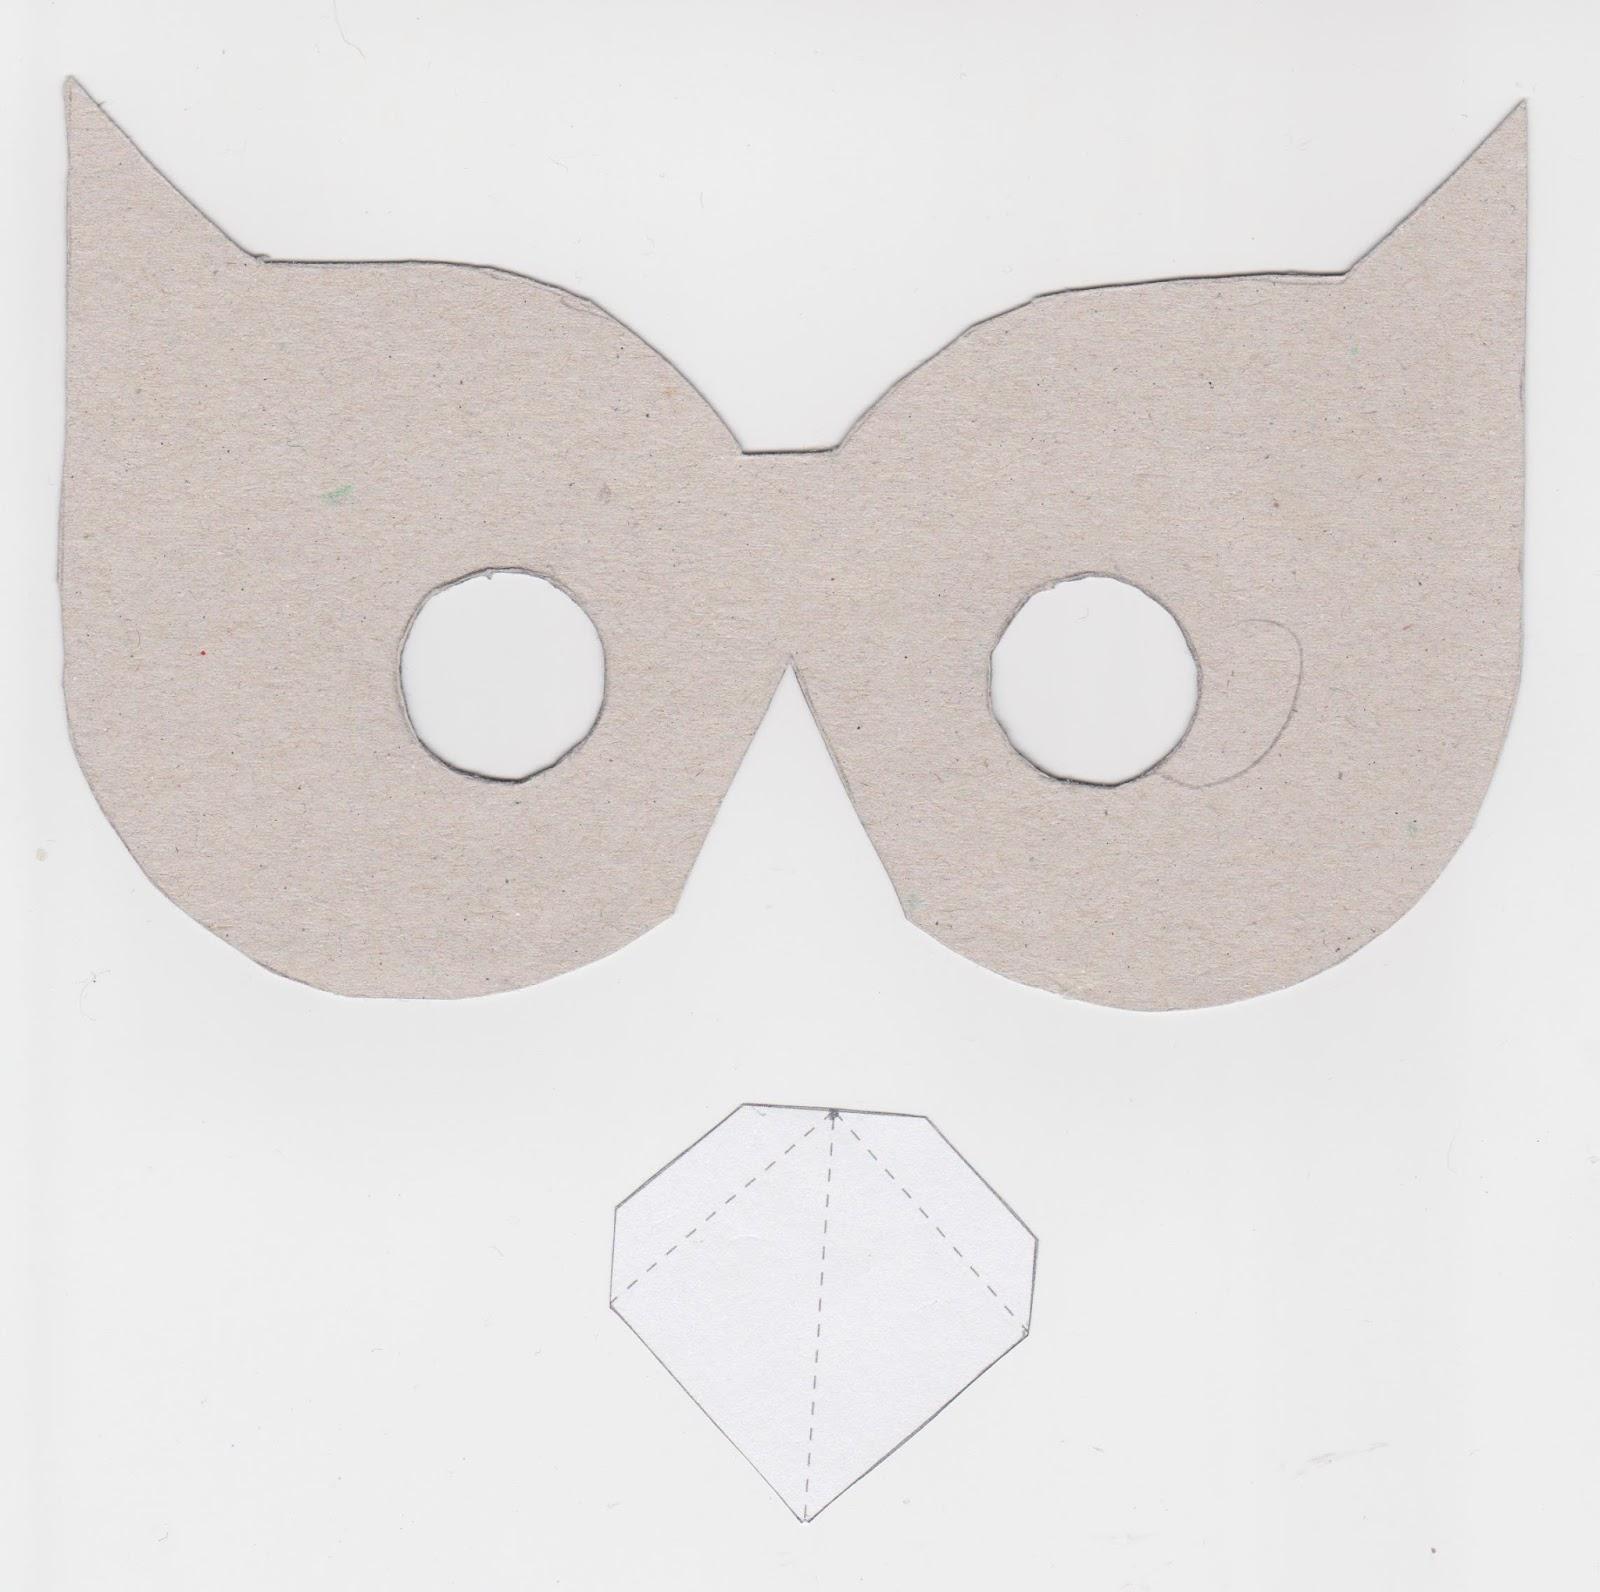 la boite id es de l 39 atelier 3b masque chouette en papier. Black Bedroom Furniture Sets. Home Design Ideas